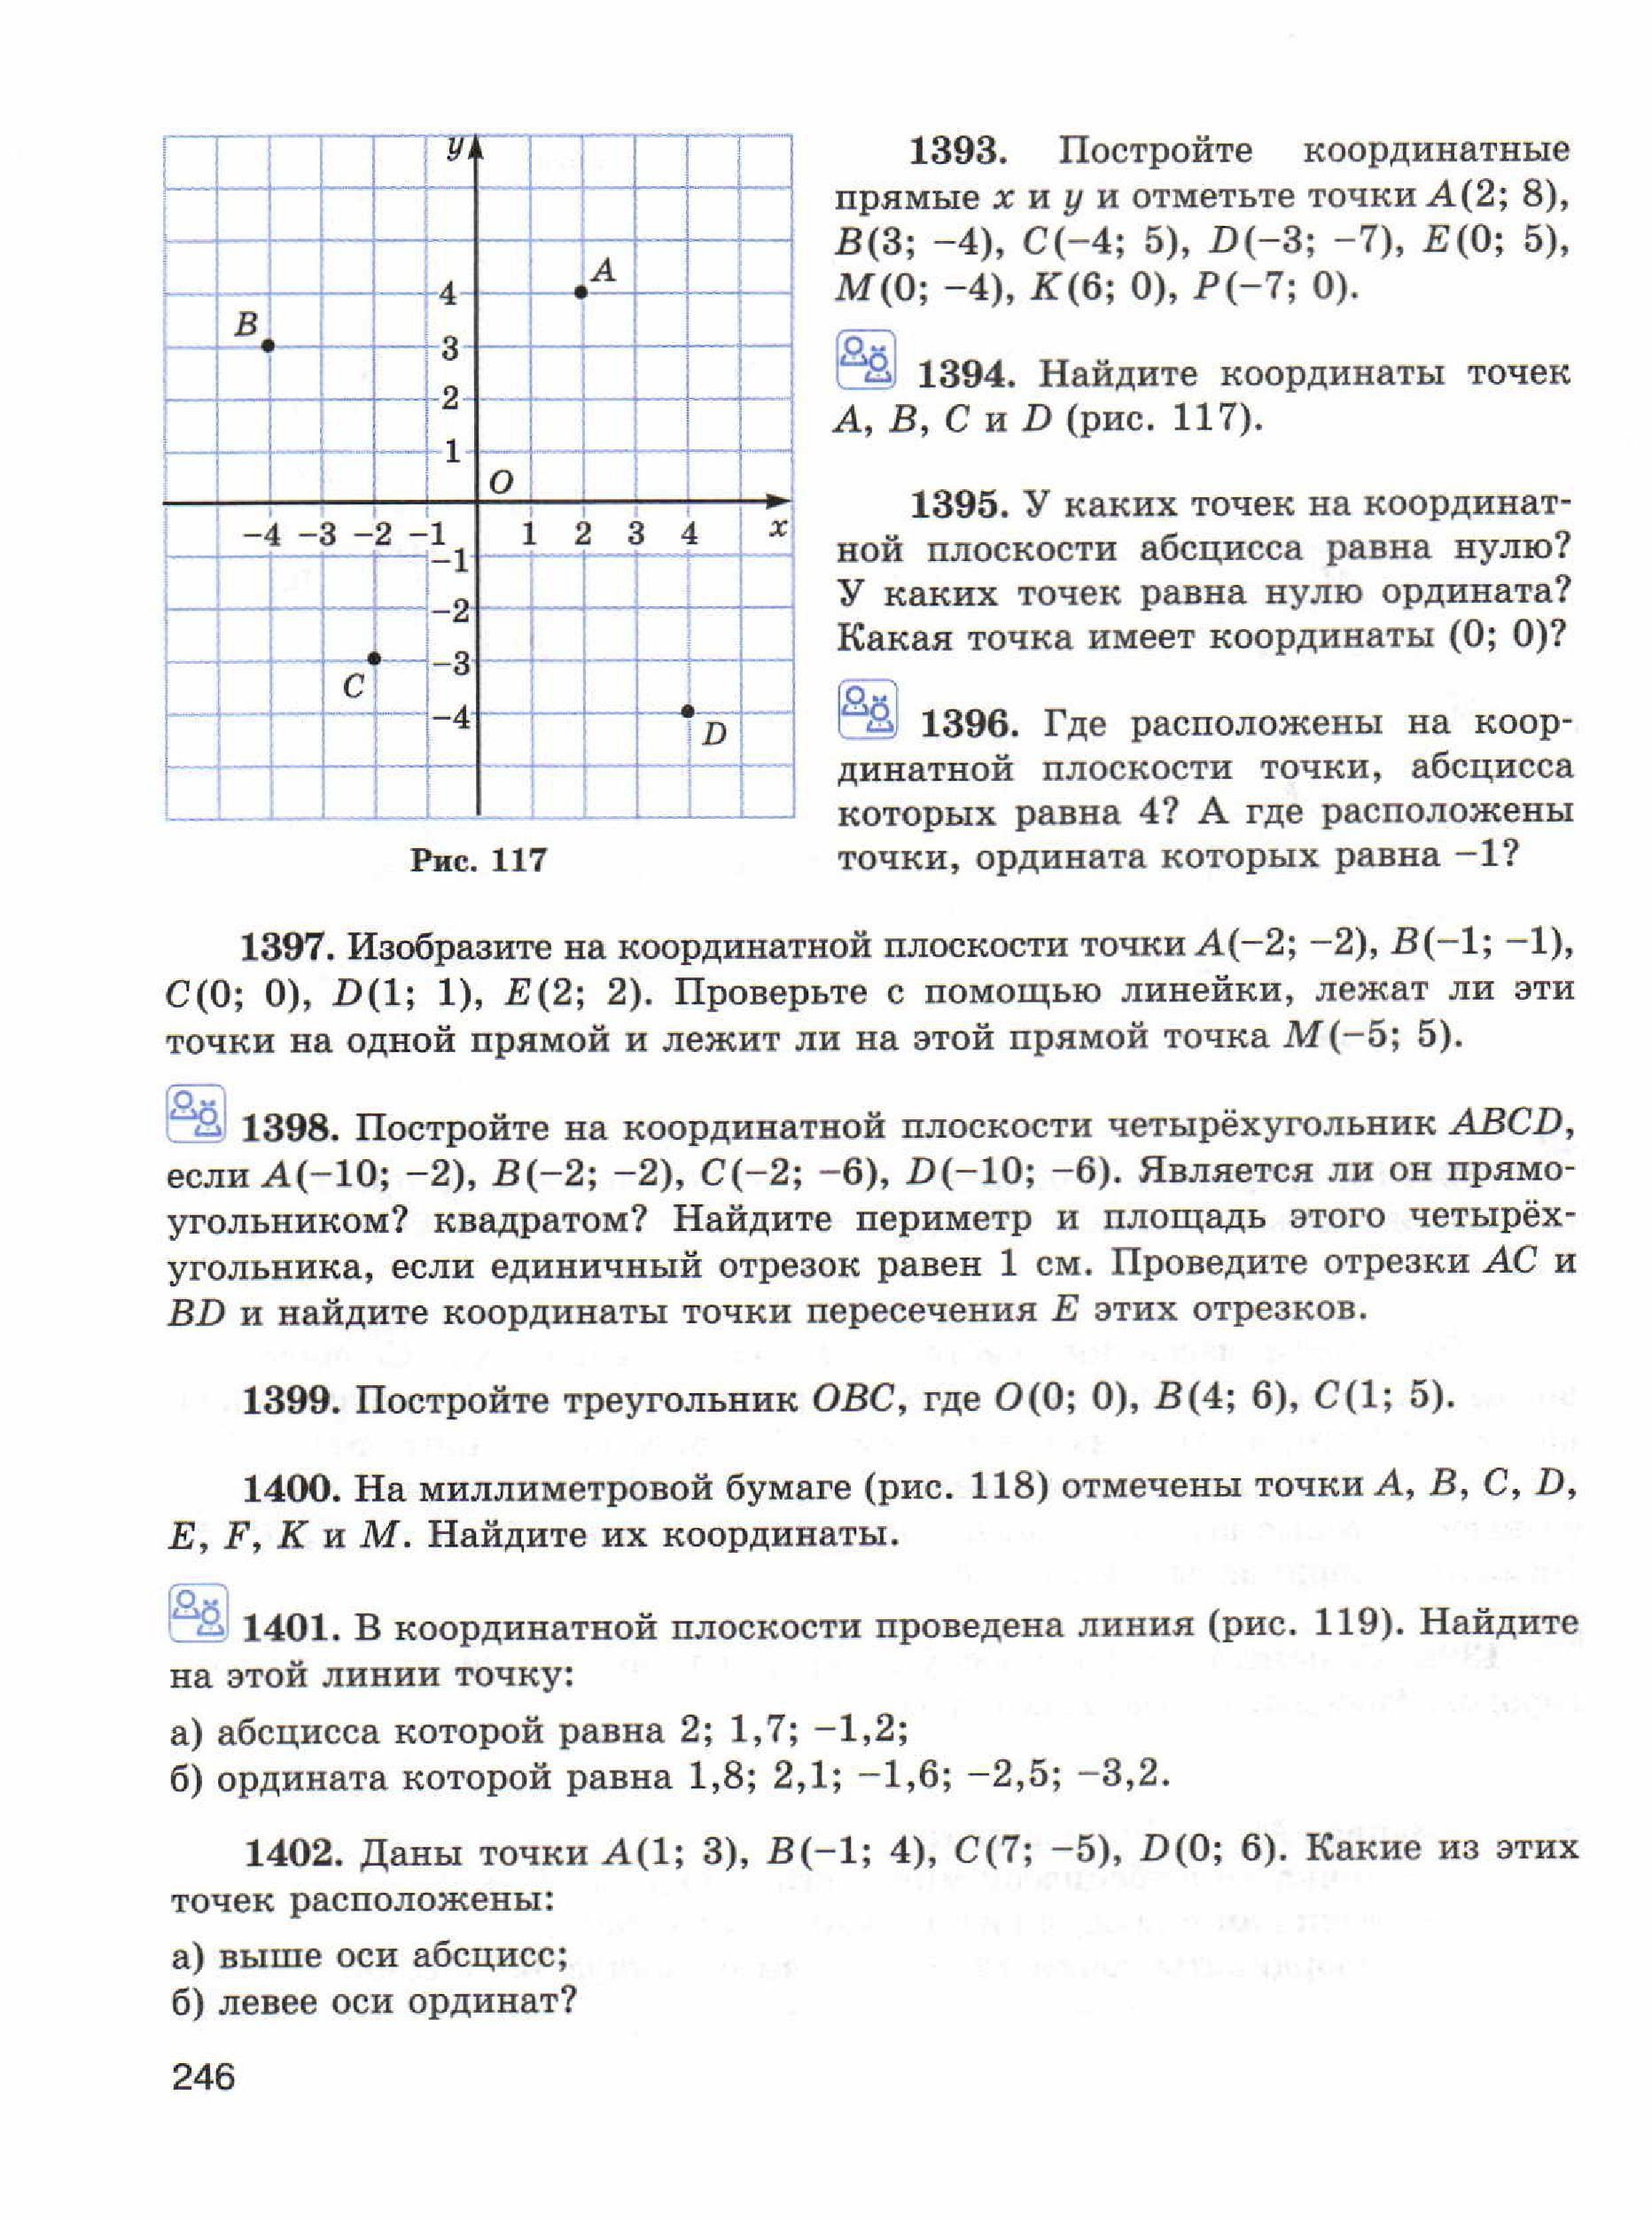 Конспект урока по русскому языку диктант во 2 классе гармония фгос